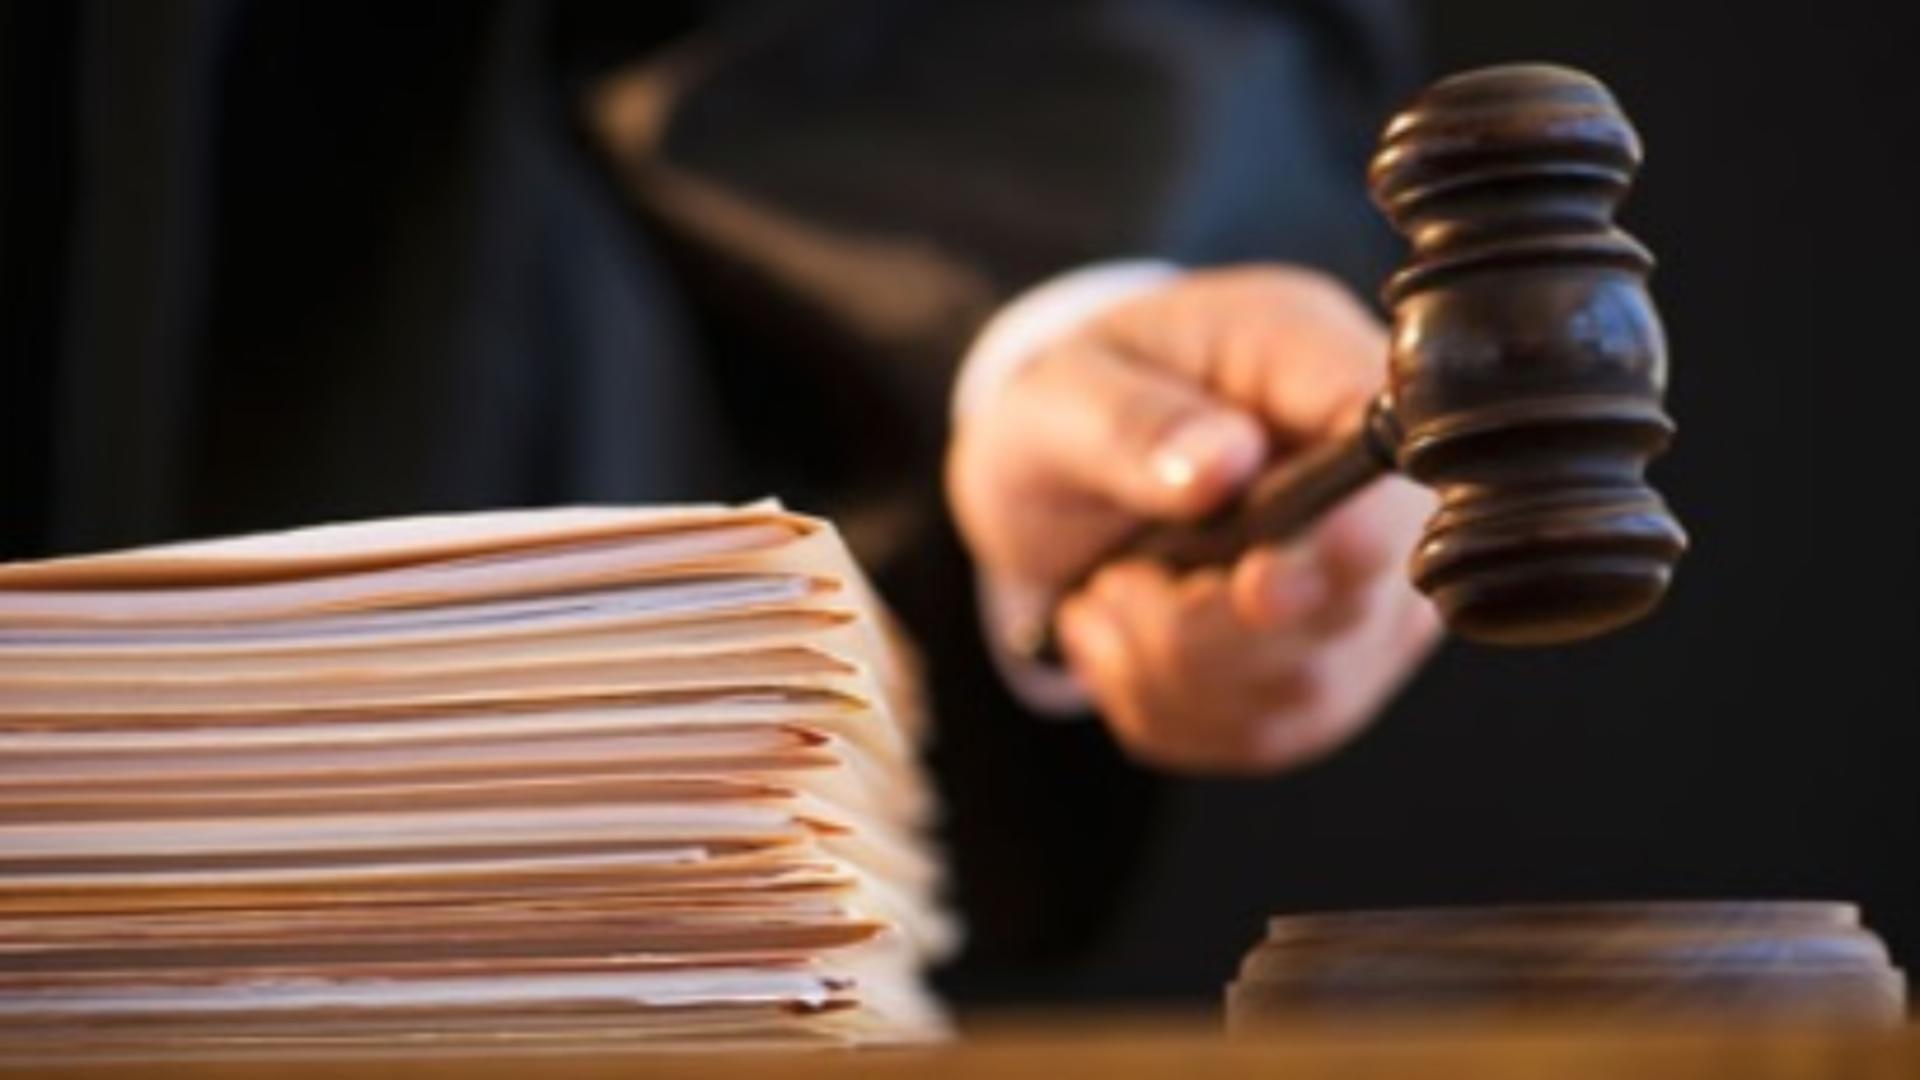 Omul de afaceri Nelu Iordache, condamnat: 11 ani și 9 luni de închisoare